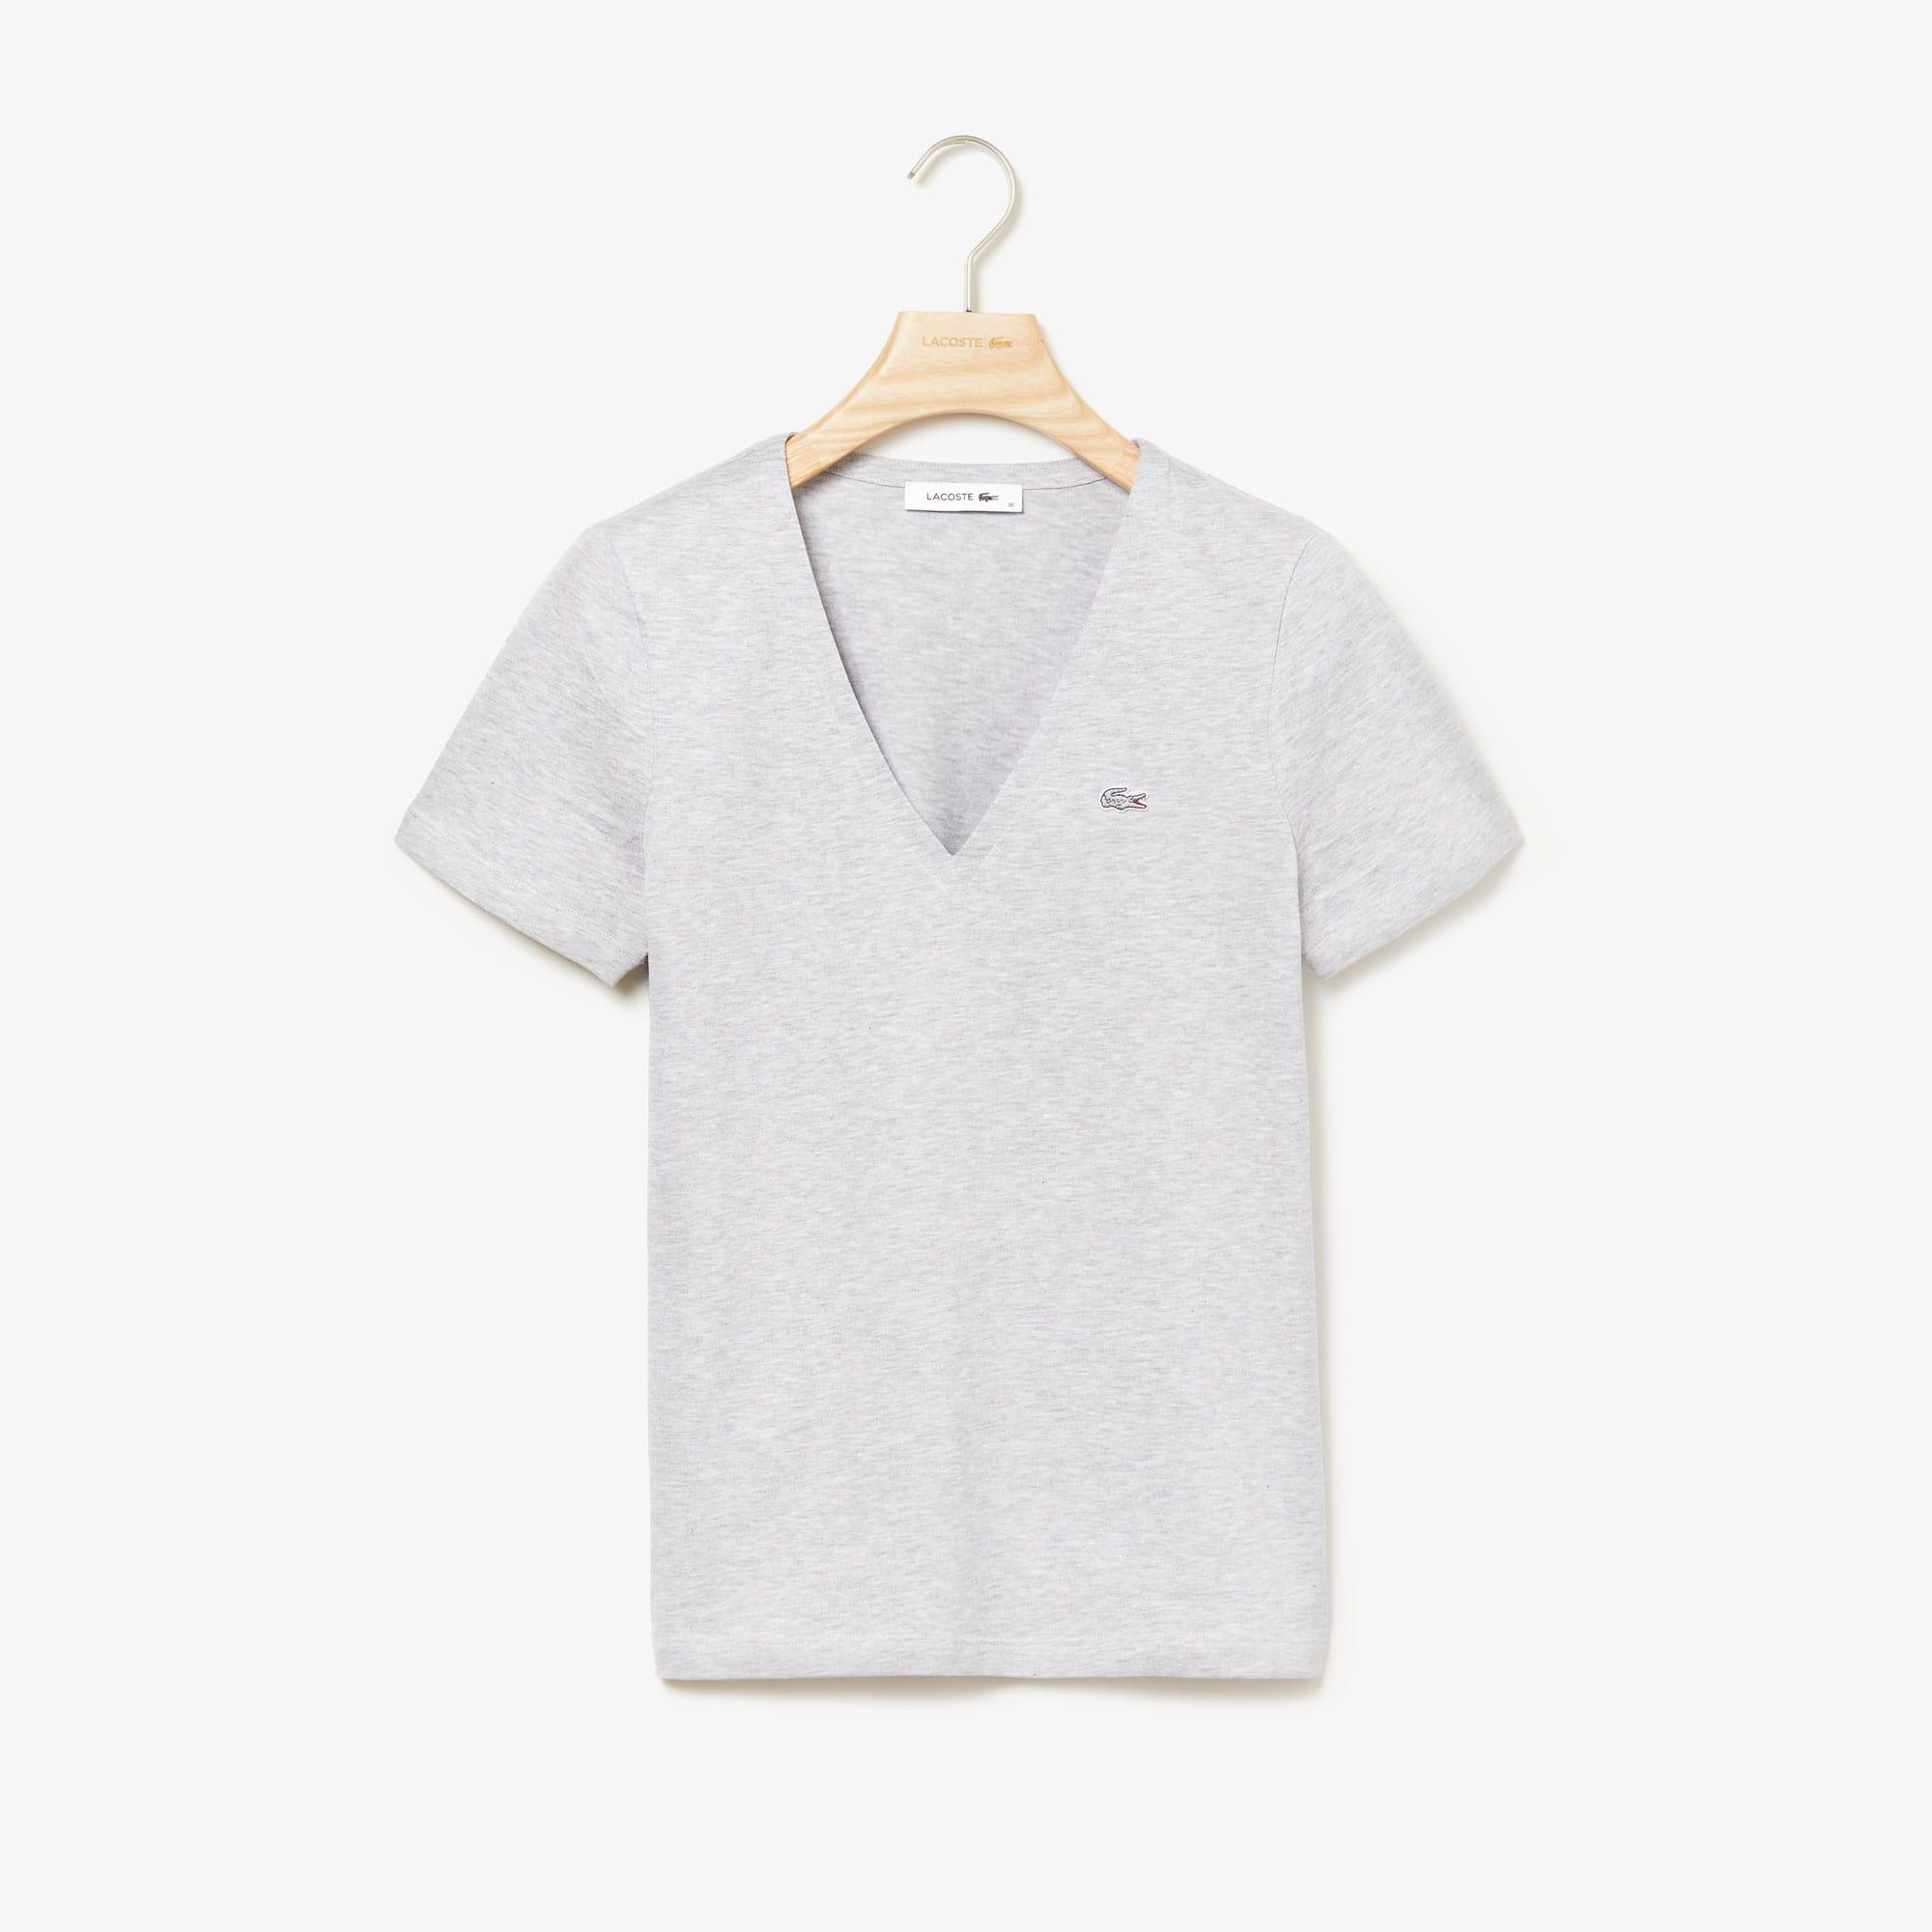 라코스테 Lacoste Womens Slim Fit V-Neck Cotton Jersey T-shirt,Grey Chine - CCA (Selected color)